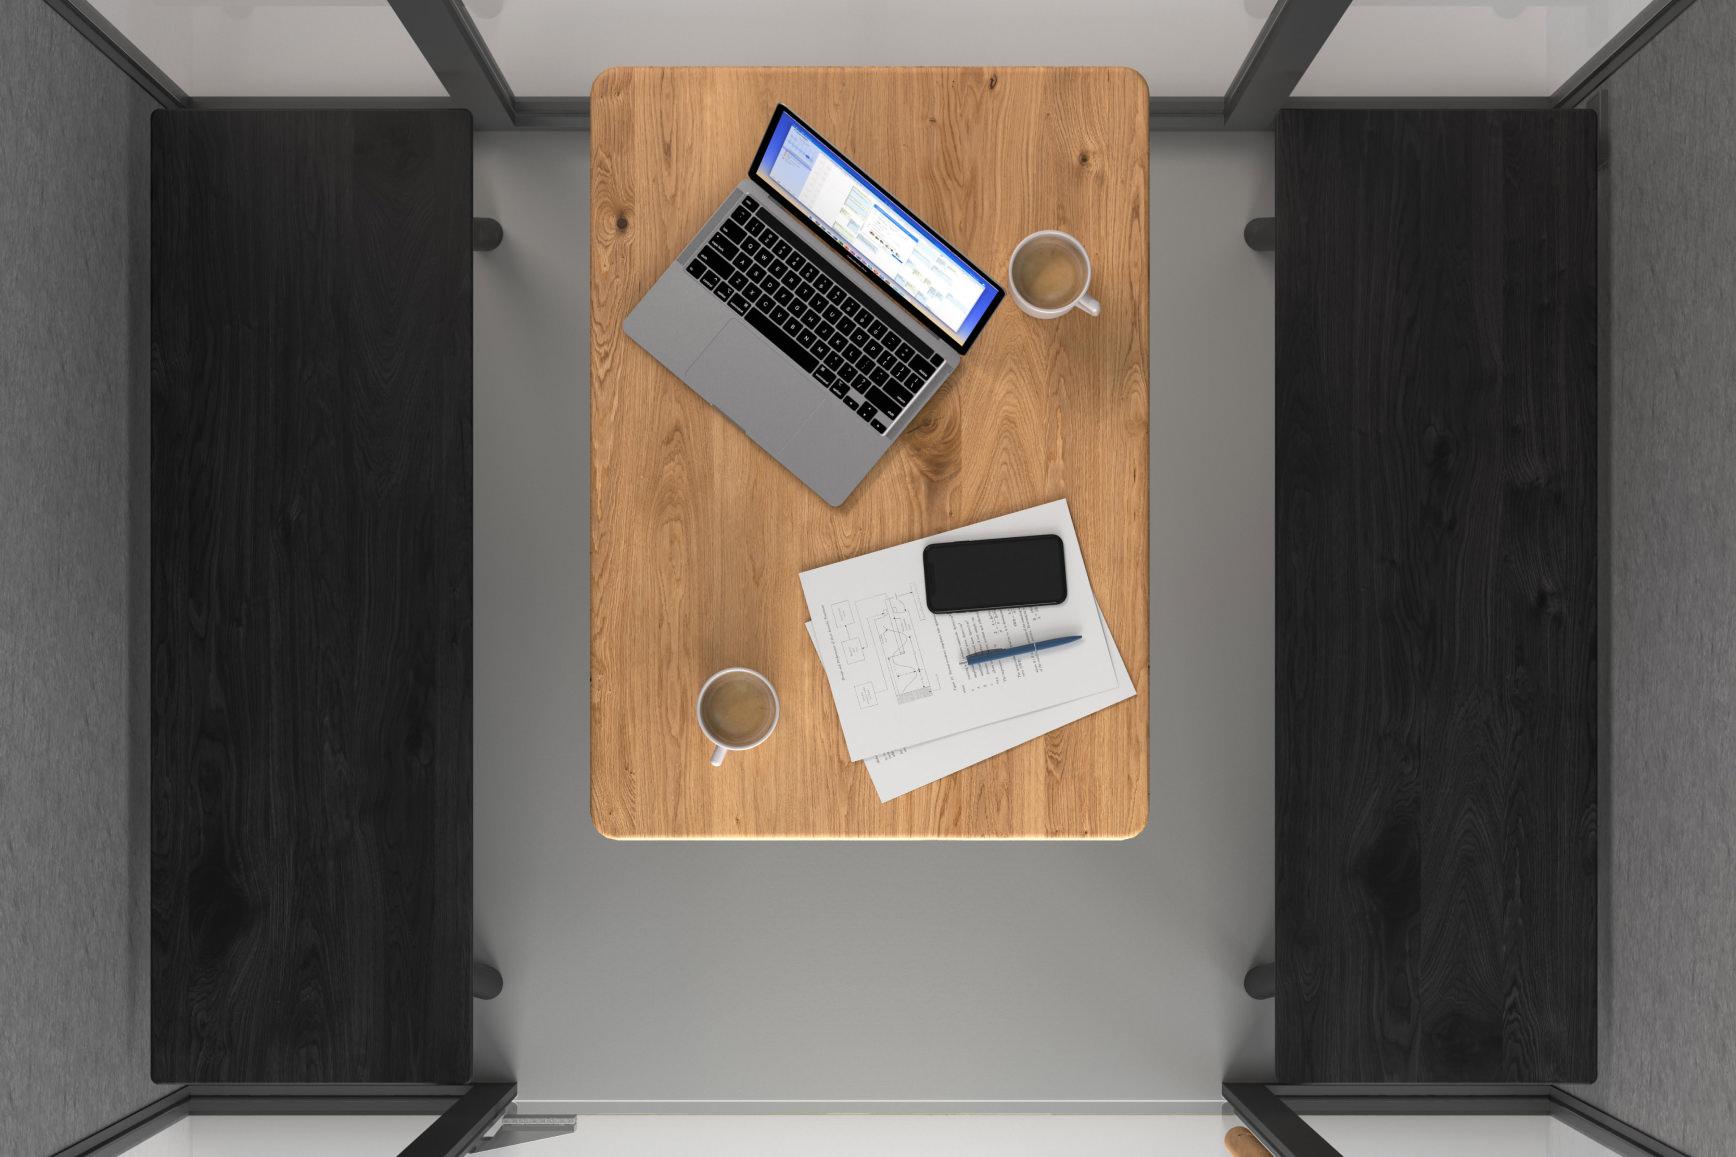 Vogelperspektive in eine Meetingbox. Man sieht einen Tisch mit Notizbüchern, Kaffeetassen und Laptop.